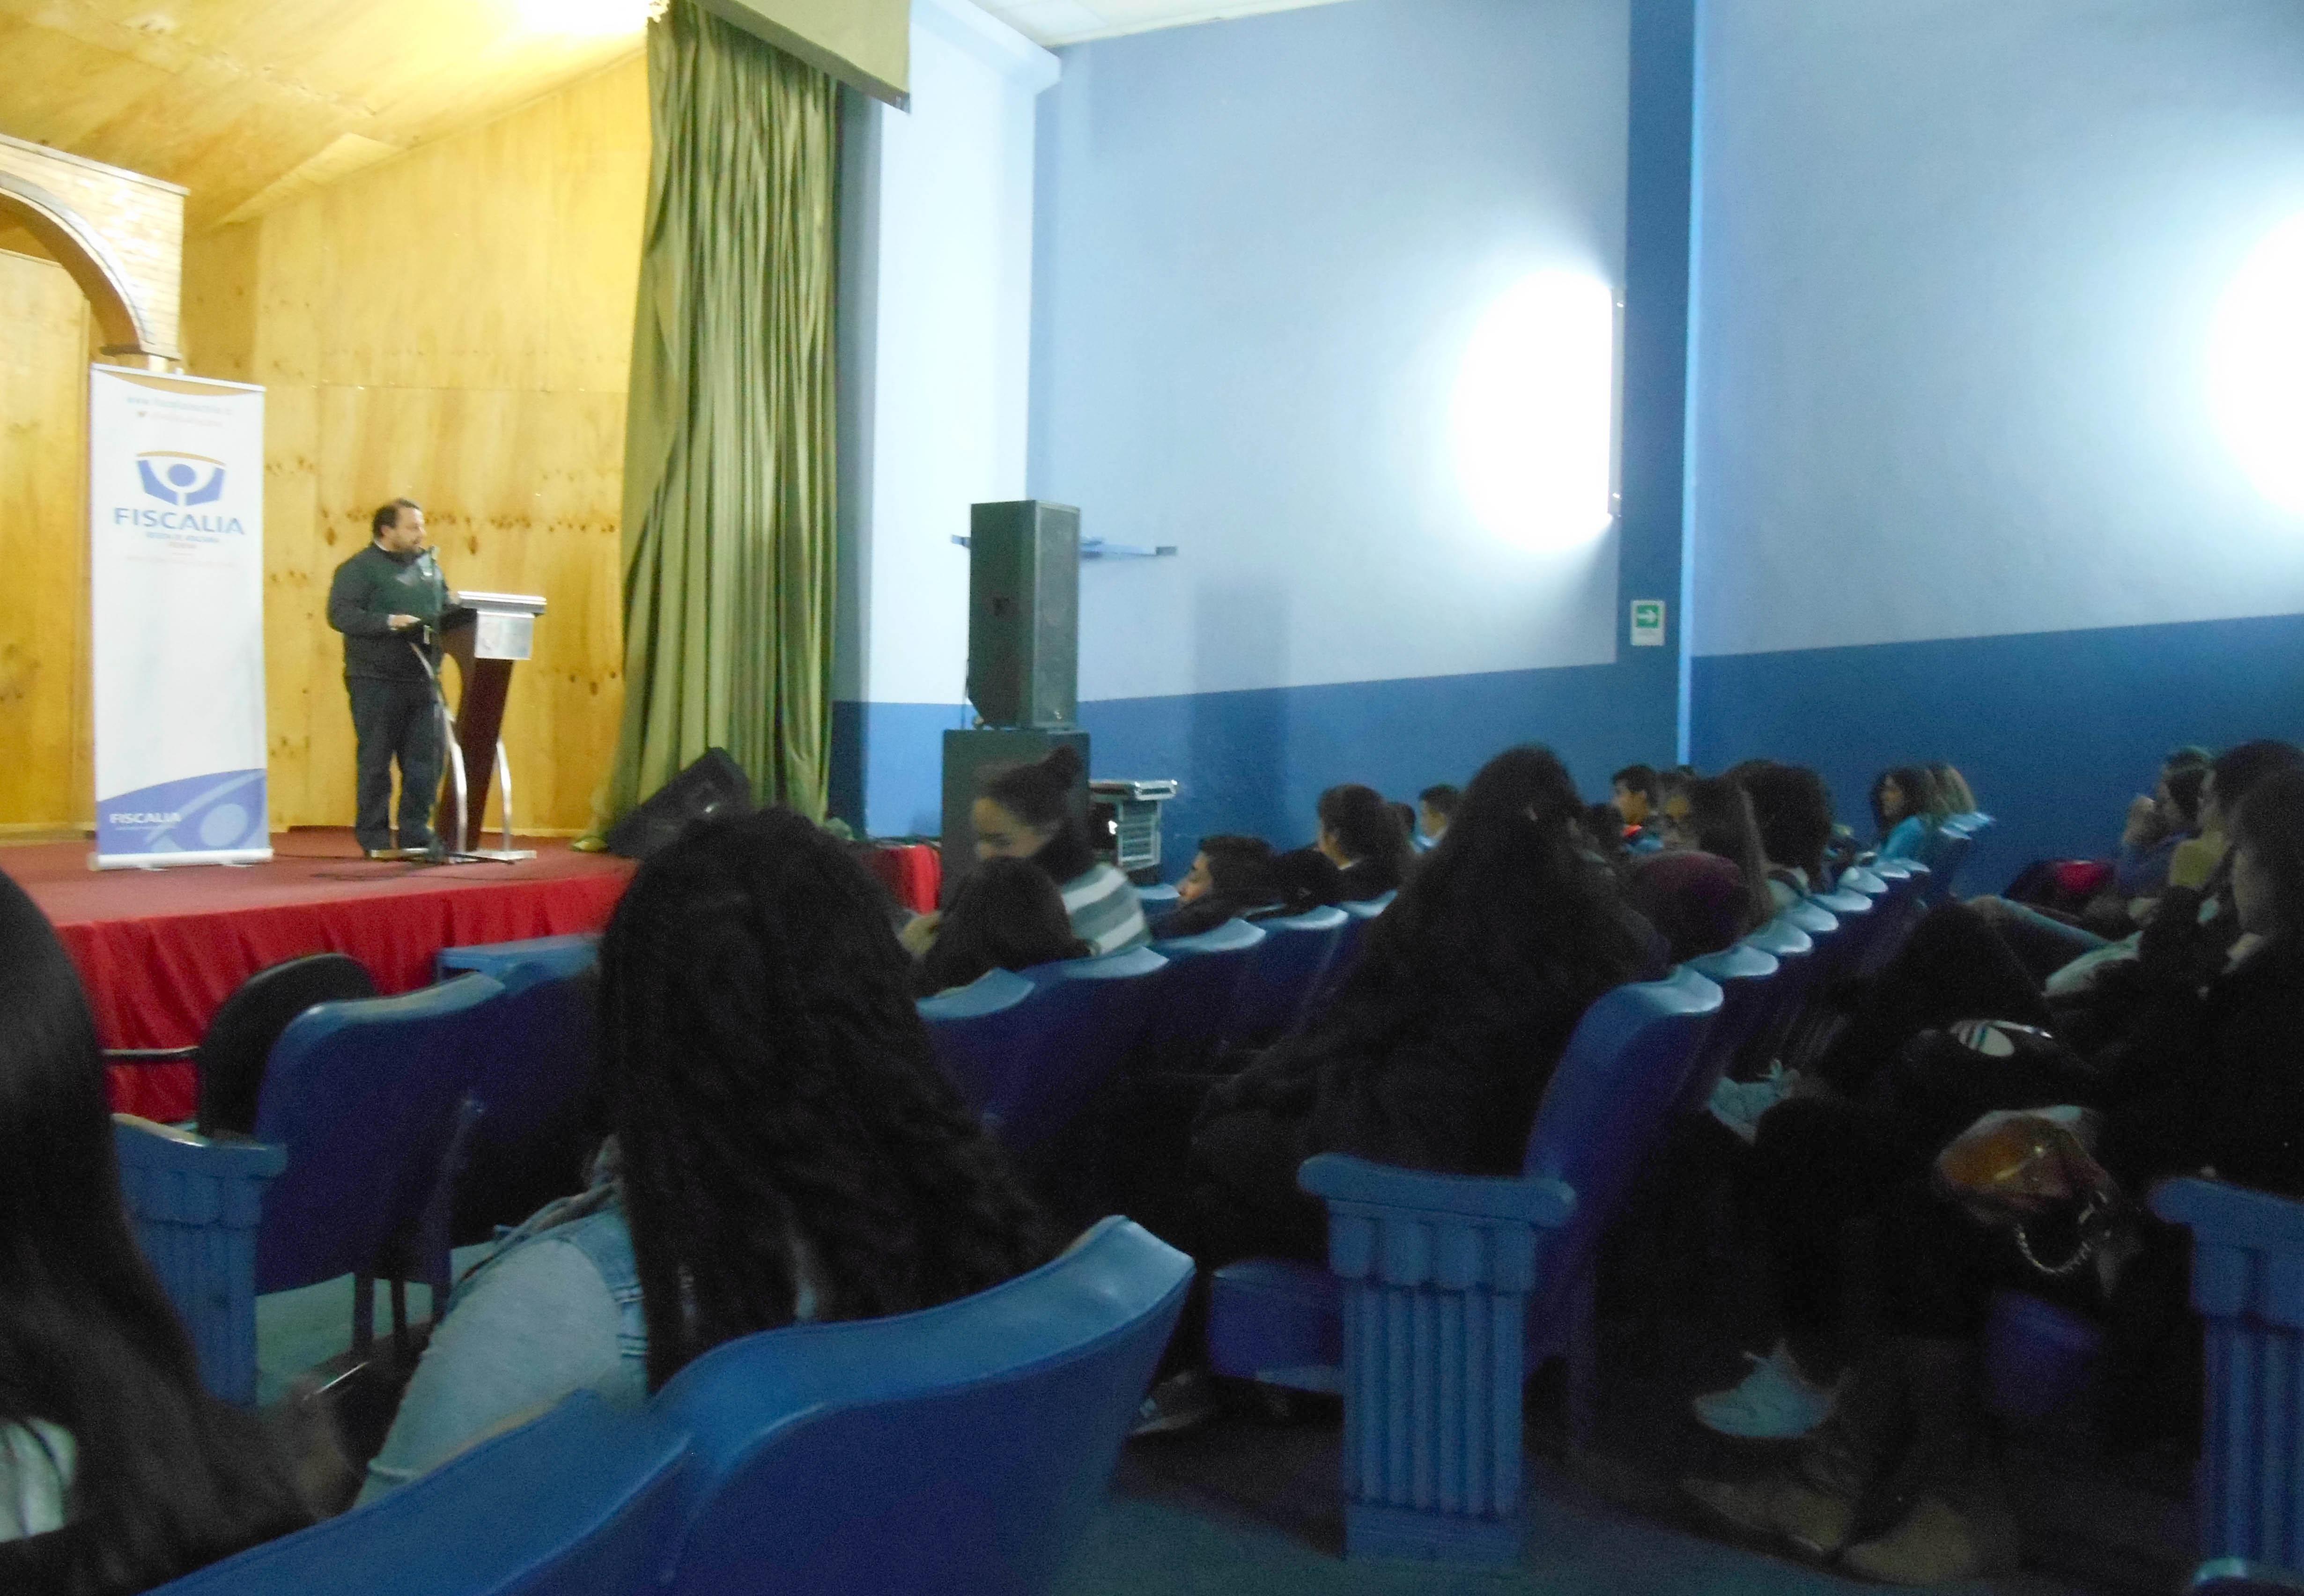 Fiscalía sostiene diálogo con estudiantes  de educación media en Freirina